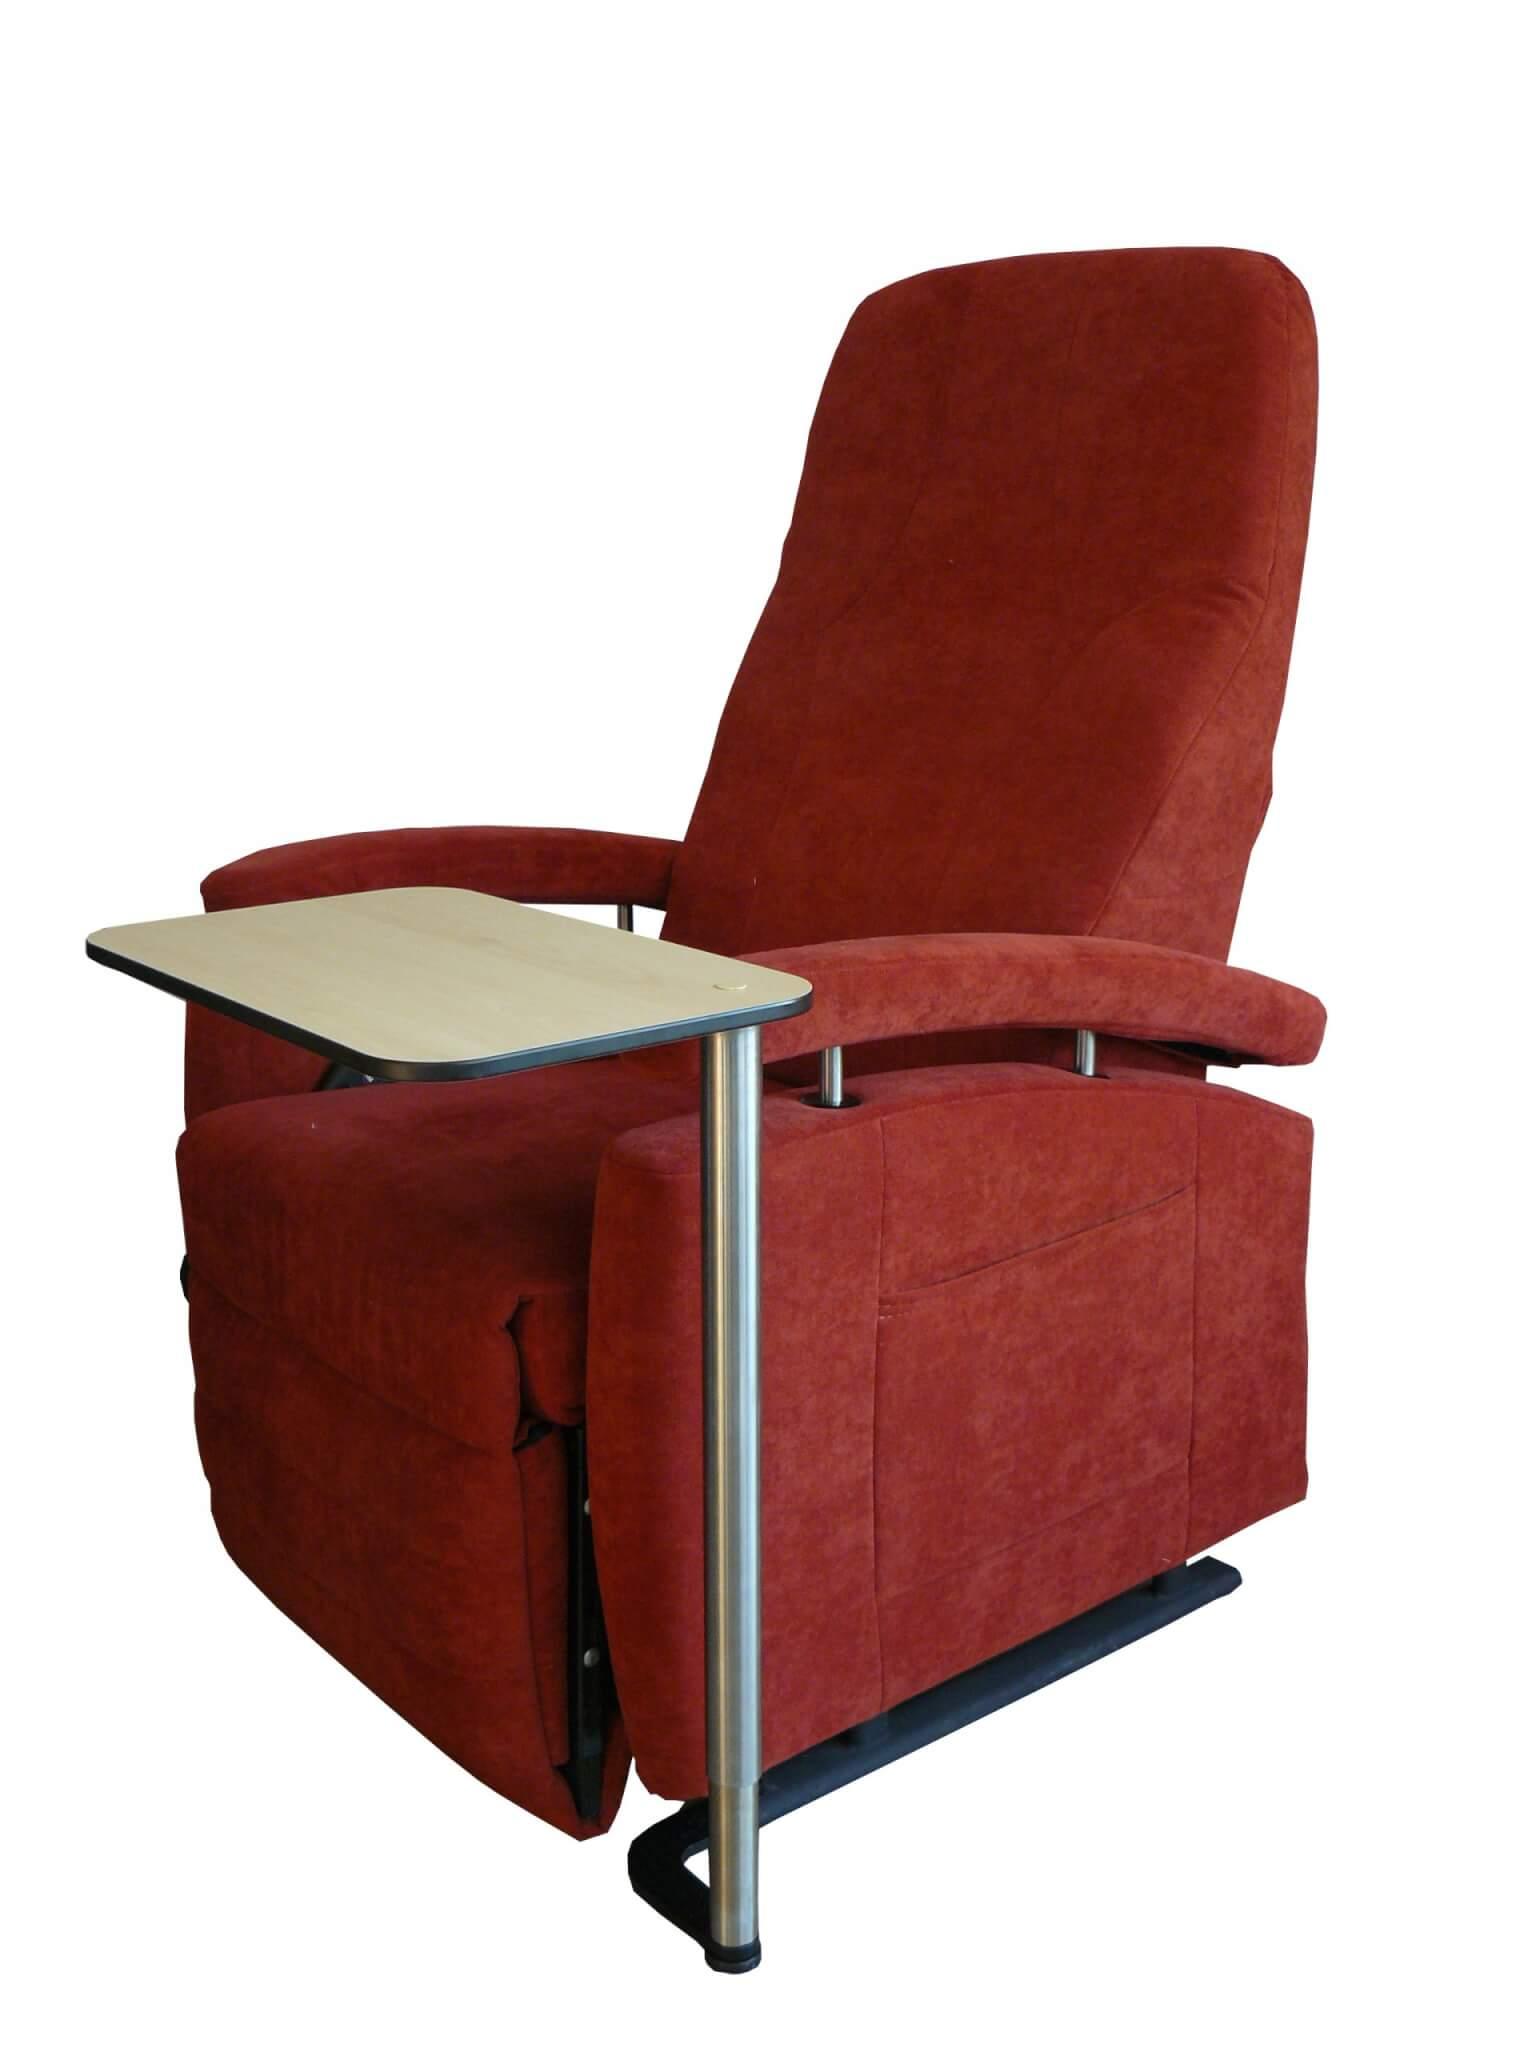 tafeltje sta-op stoel